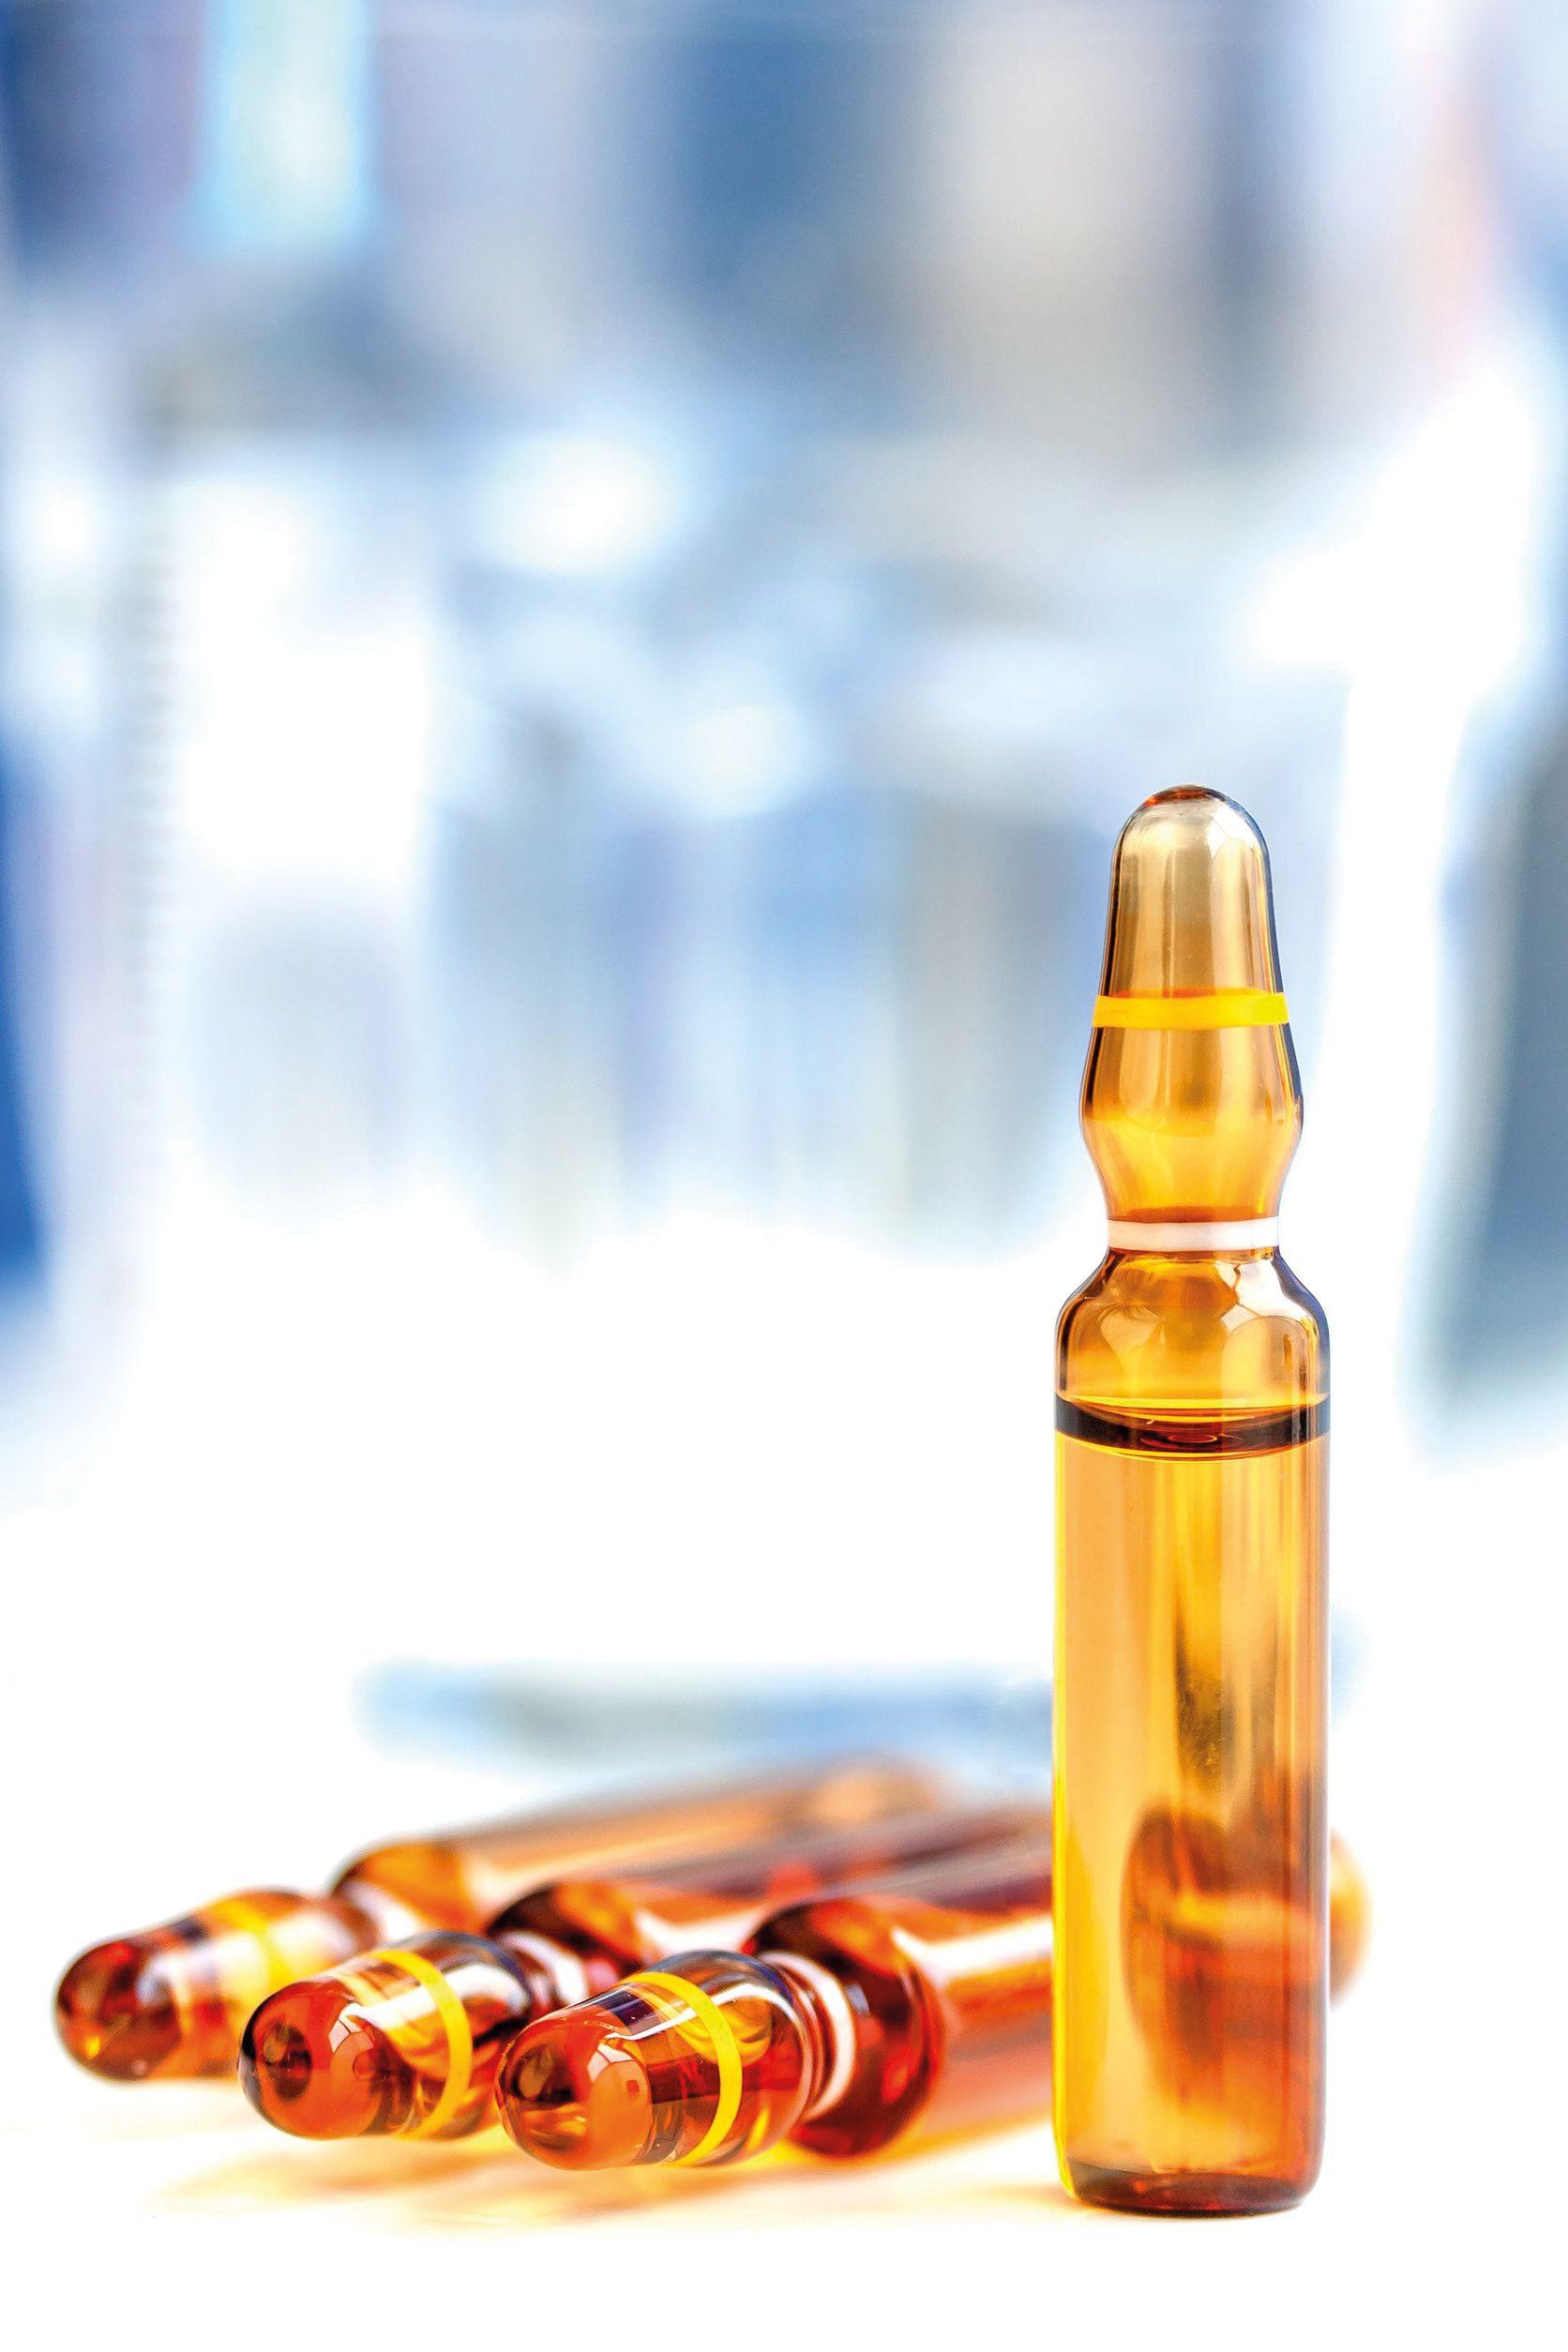 Posílení imunity a vitaminové infuze jsou velice důležité proti únavě.